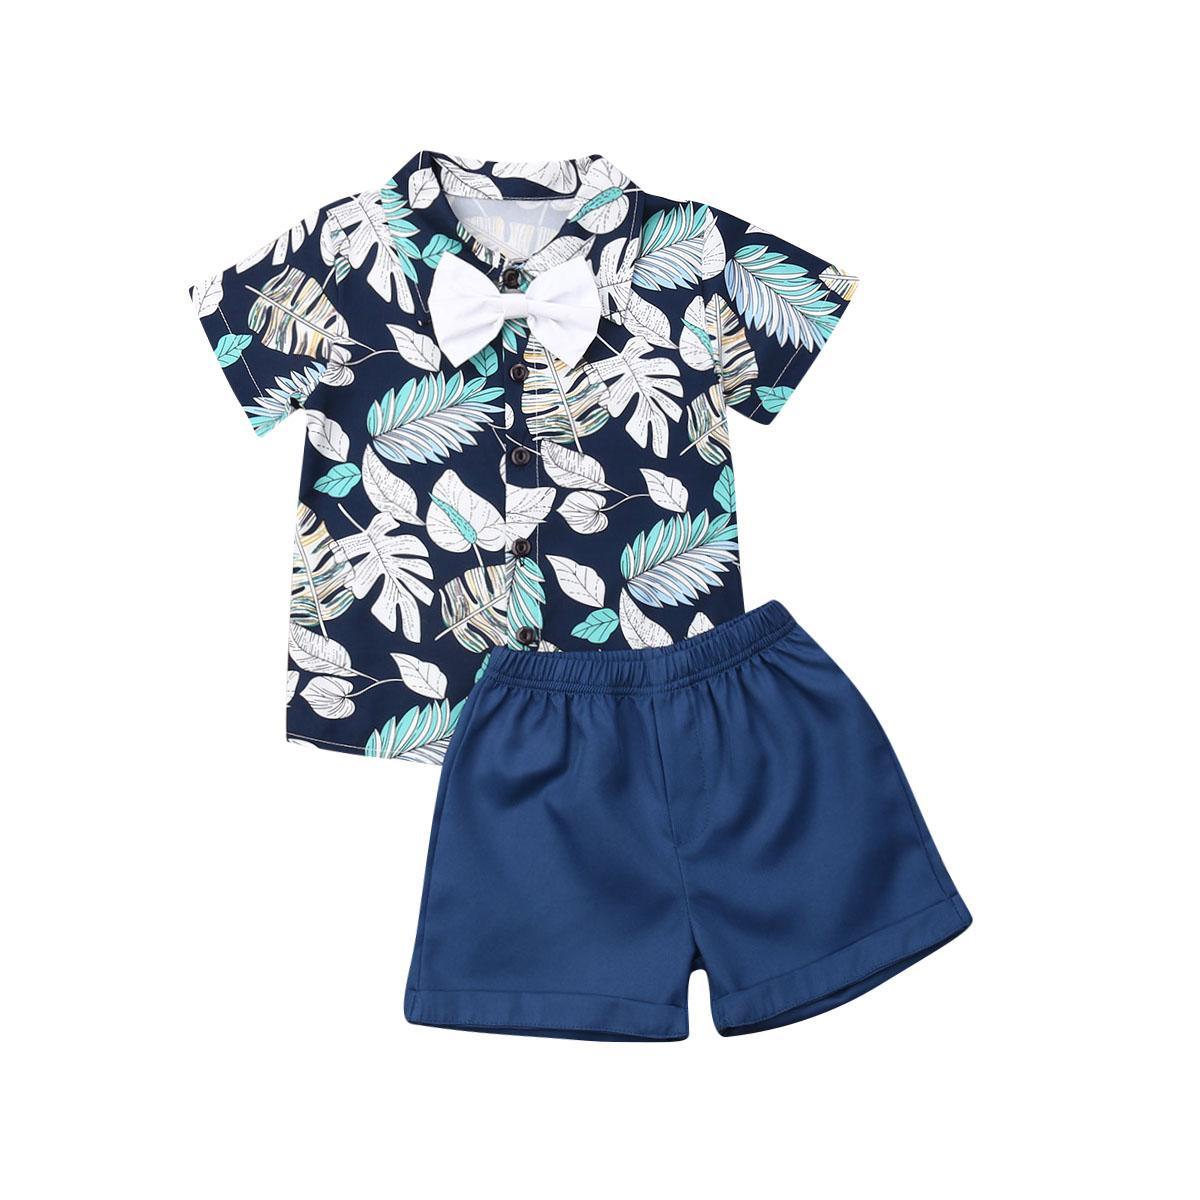 1-7Y del bambino bambino del capretto dei vestiti del ragazzo vestito Gentleman Bow Outfits Sets camicia casuale spiaggia foglie Fiore pantaloncini estivi Ragazzi Costumi